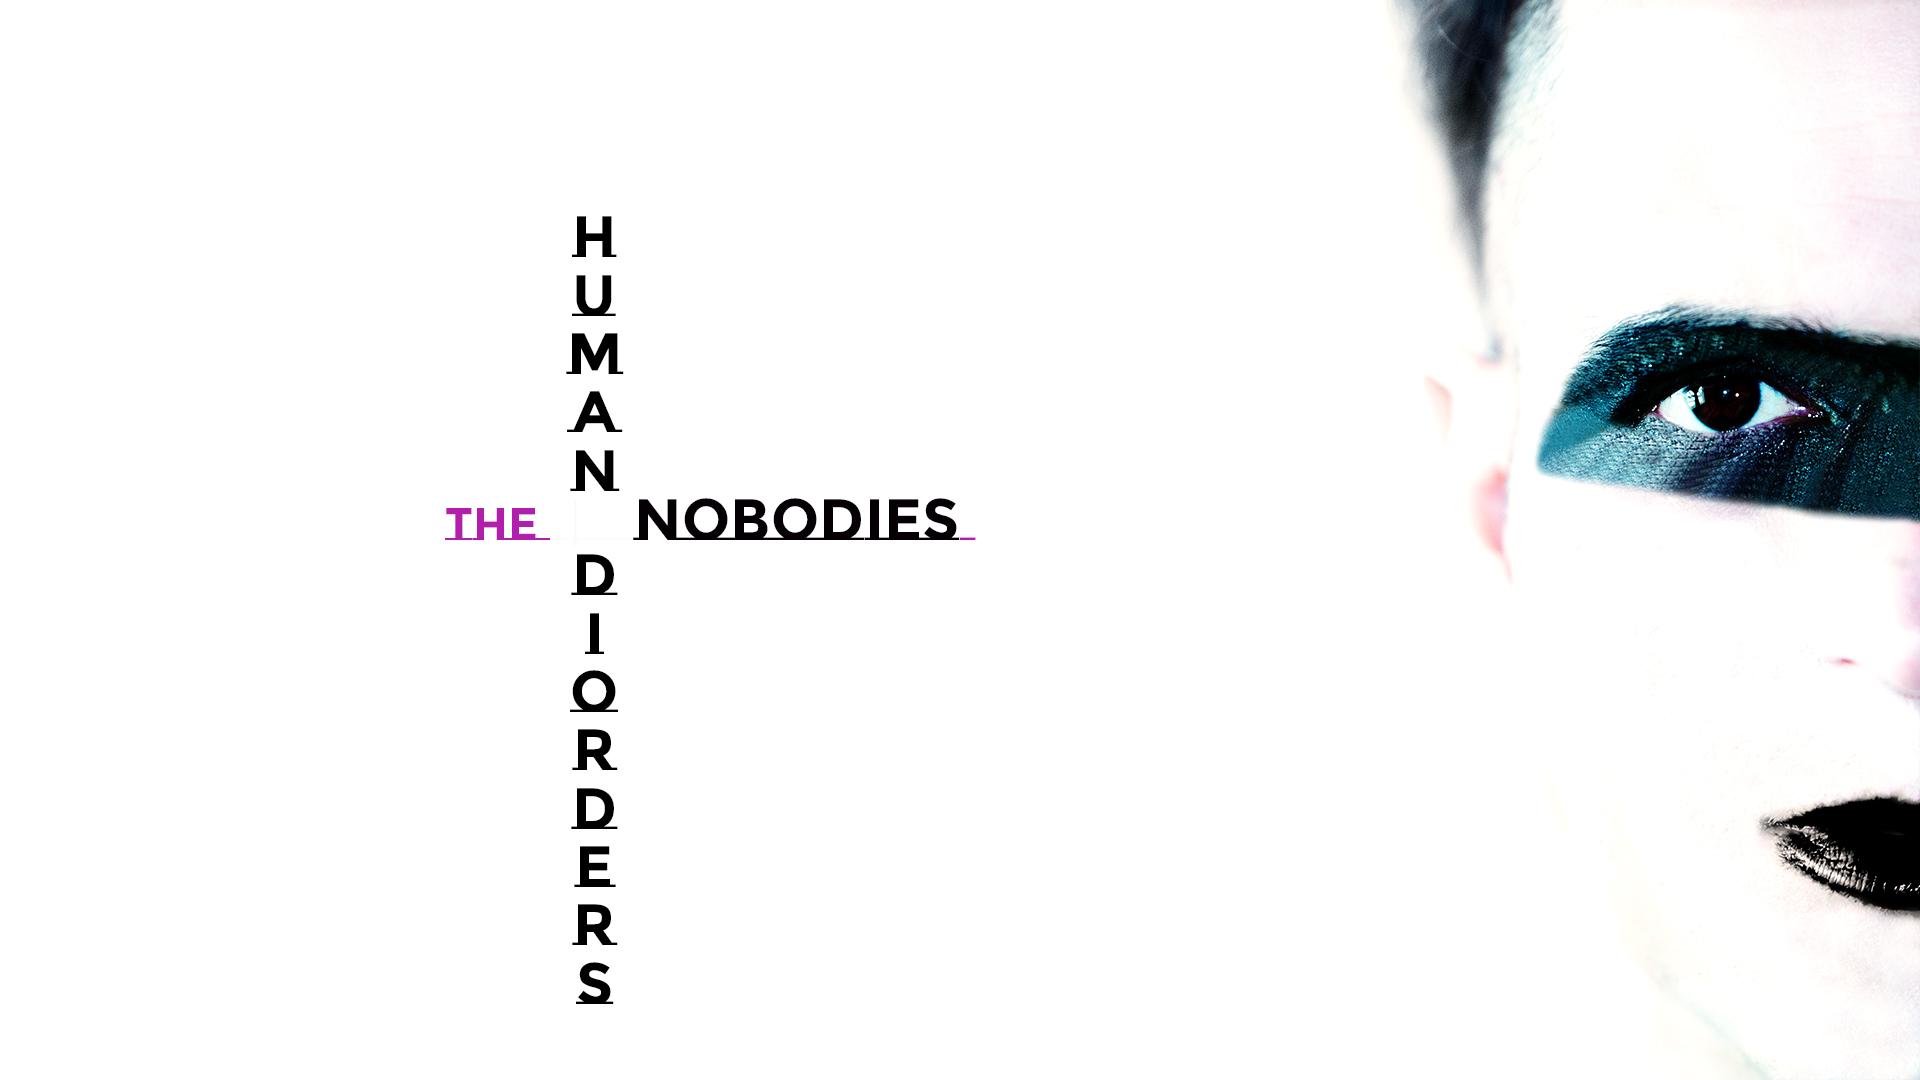 THE  H U M A N  DISORDERS